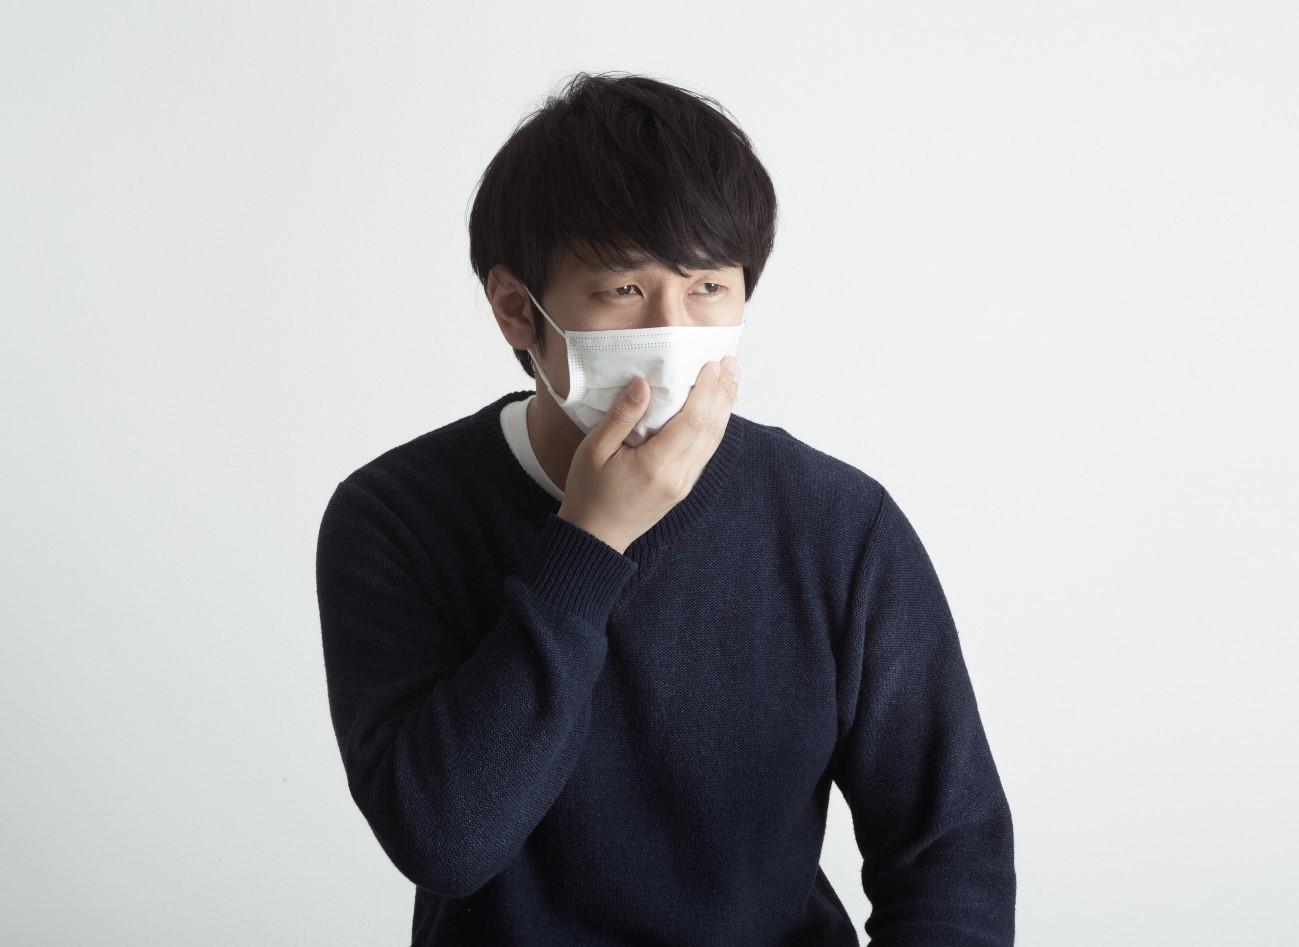 よく効く咳止めの薬の選び方とおすすめ5選【市販薬】はコレ!